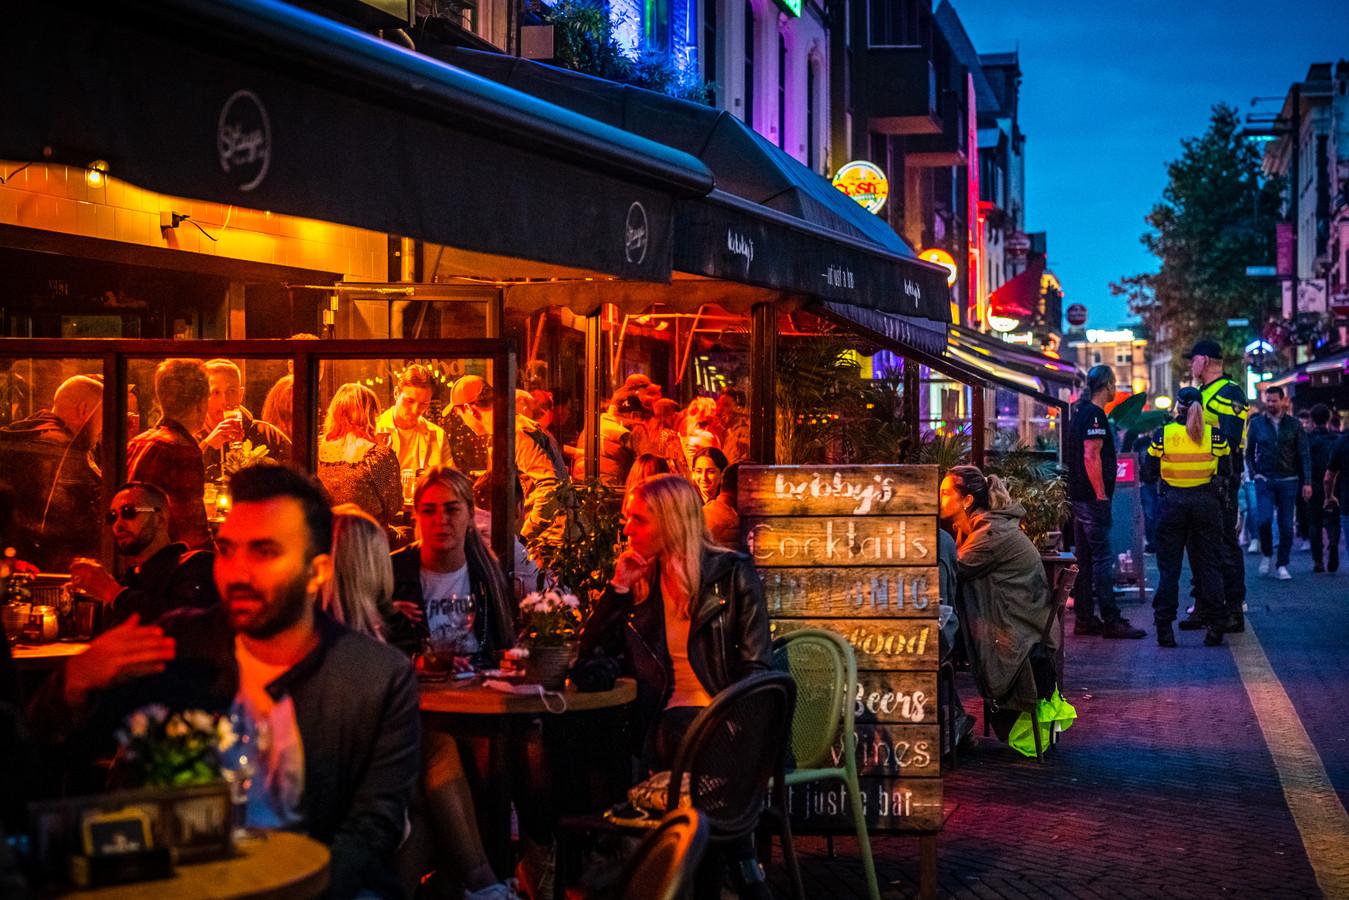 Drukte op het Stratumseind in Eindhoven, de langste caféstraat in Nederland. (Archieffoto)